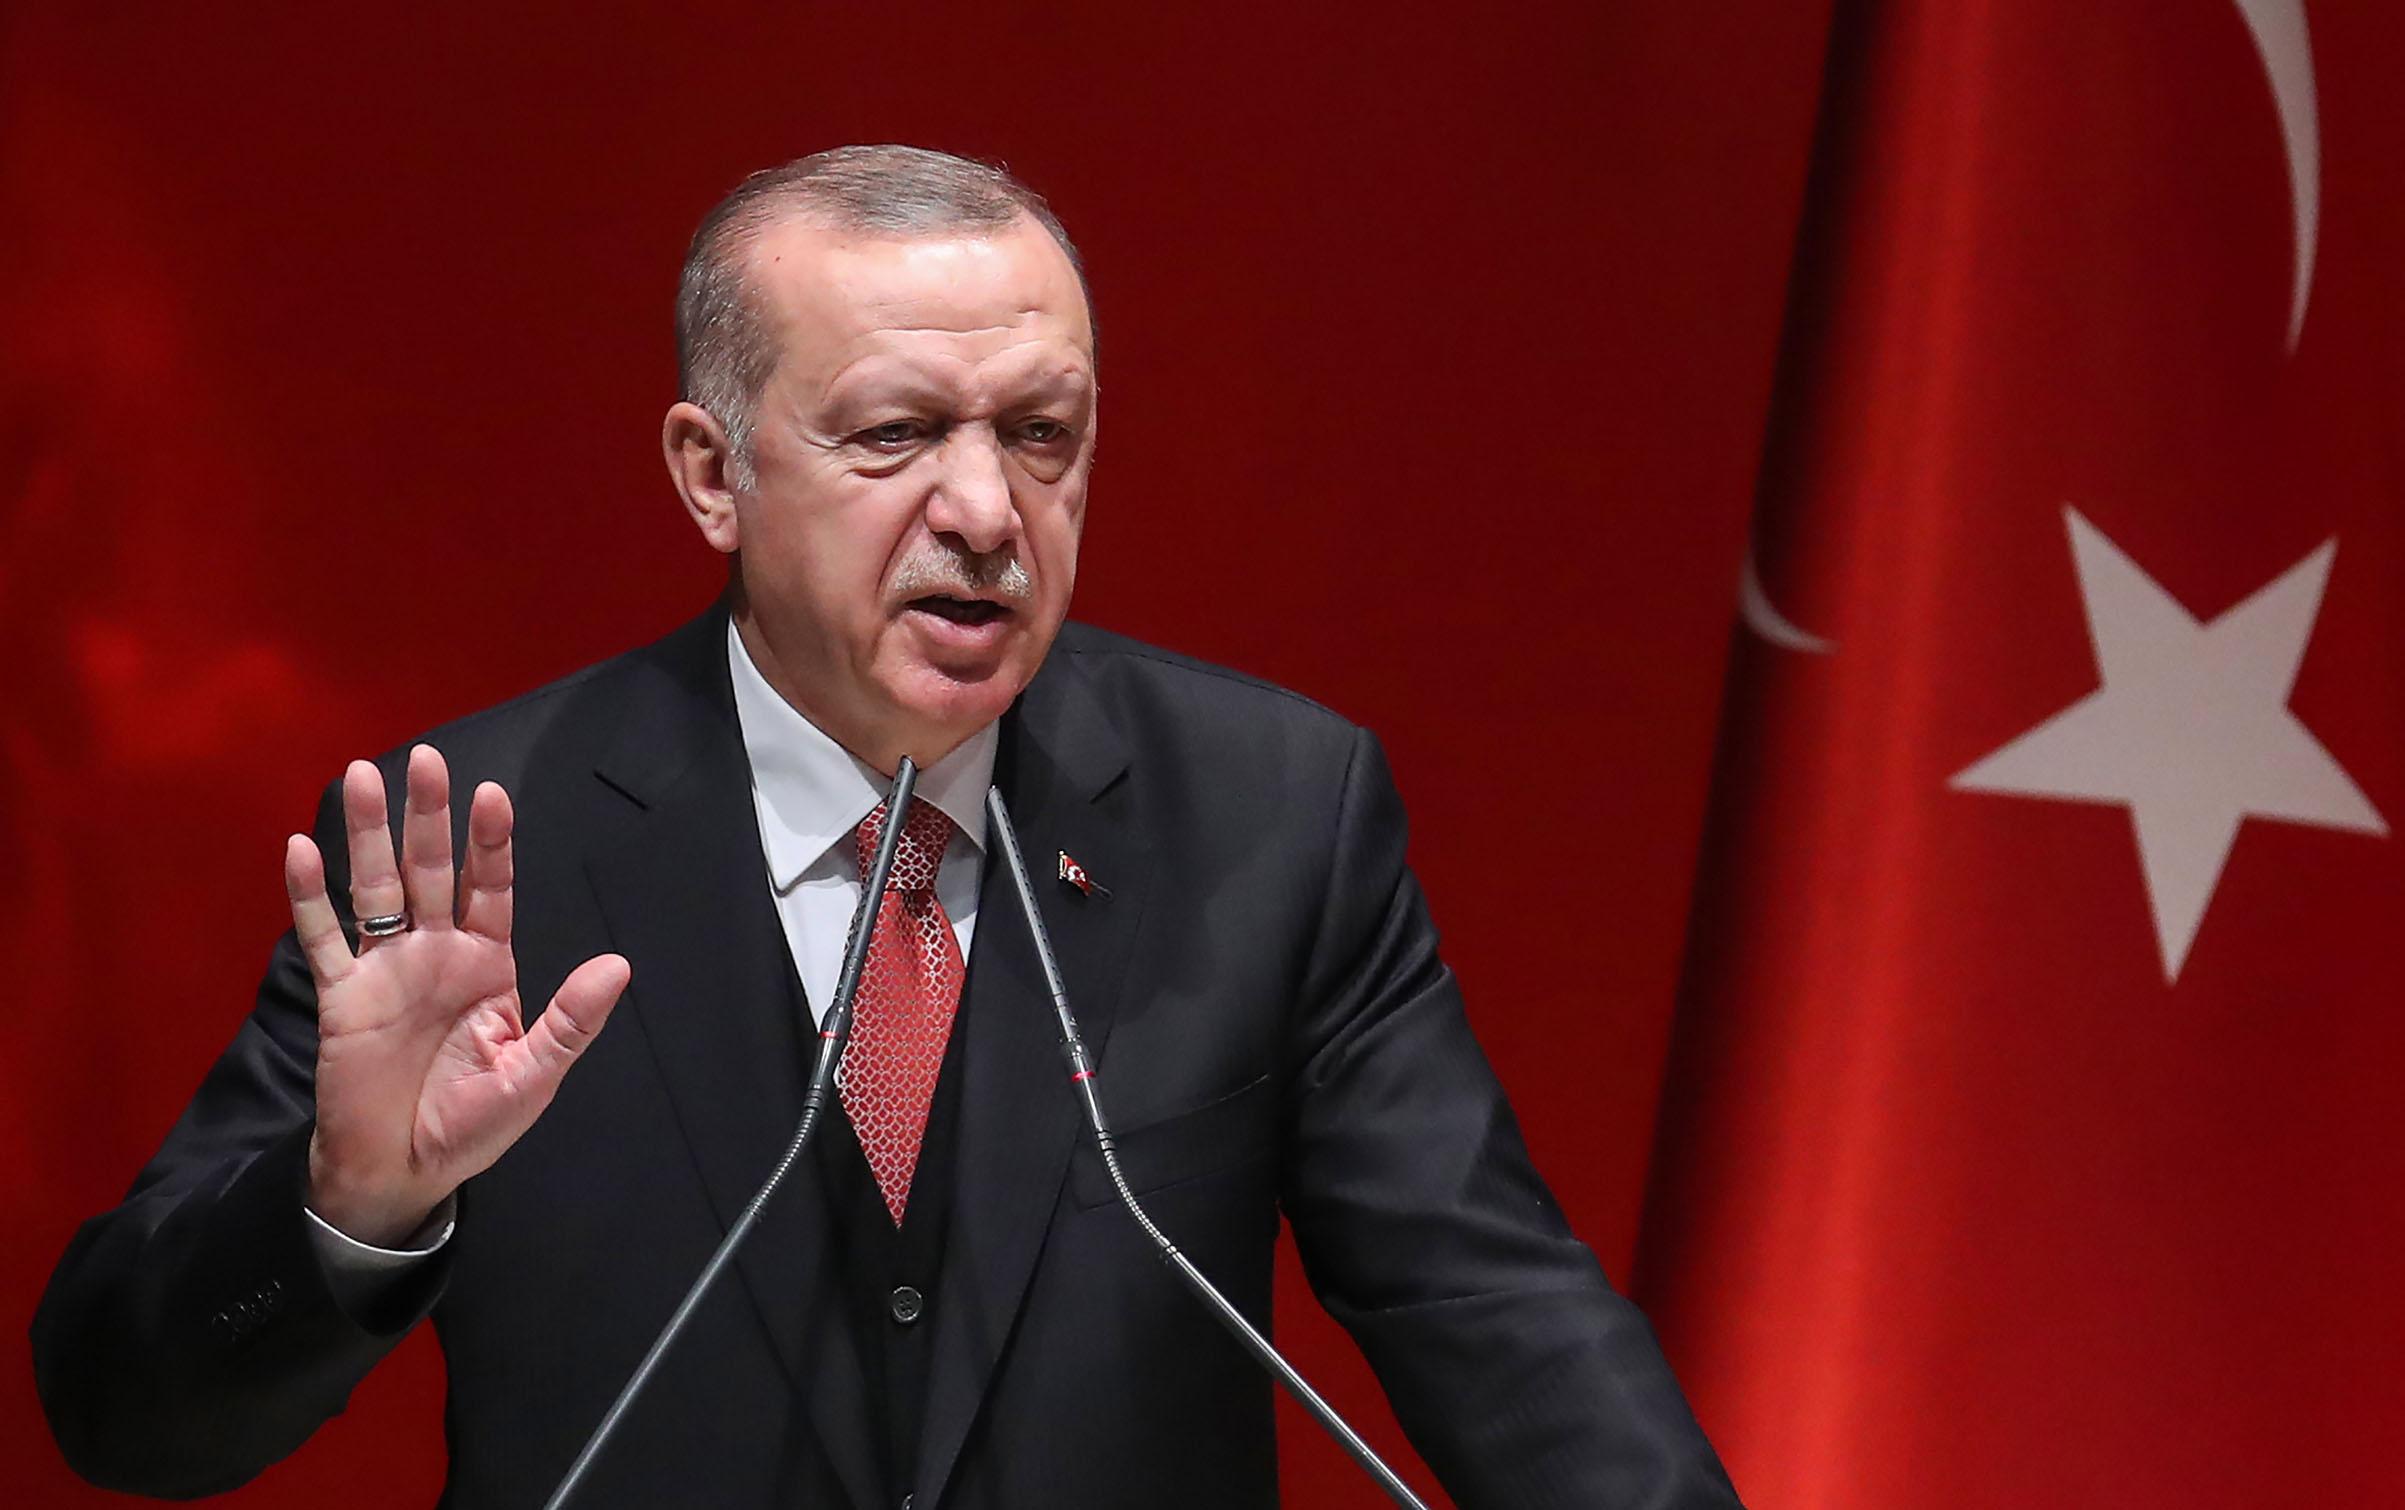 土耳其周一表示,在叙利亚西北部的伊德利卜地区有五名士兵丧生后,它袭击了数十个叙利亚政府目标,这一事件可能会考验 […]